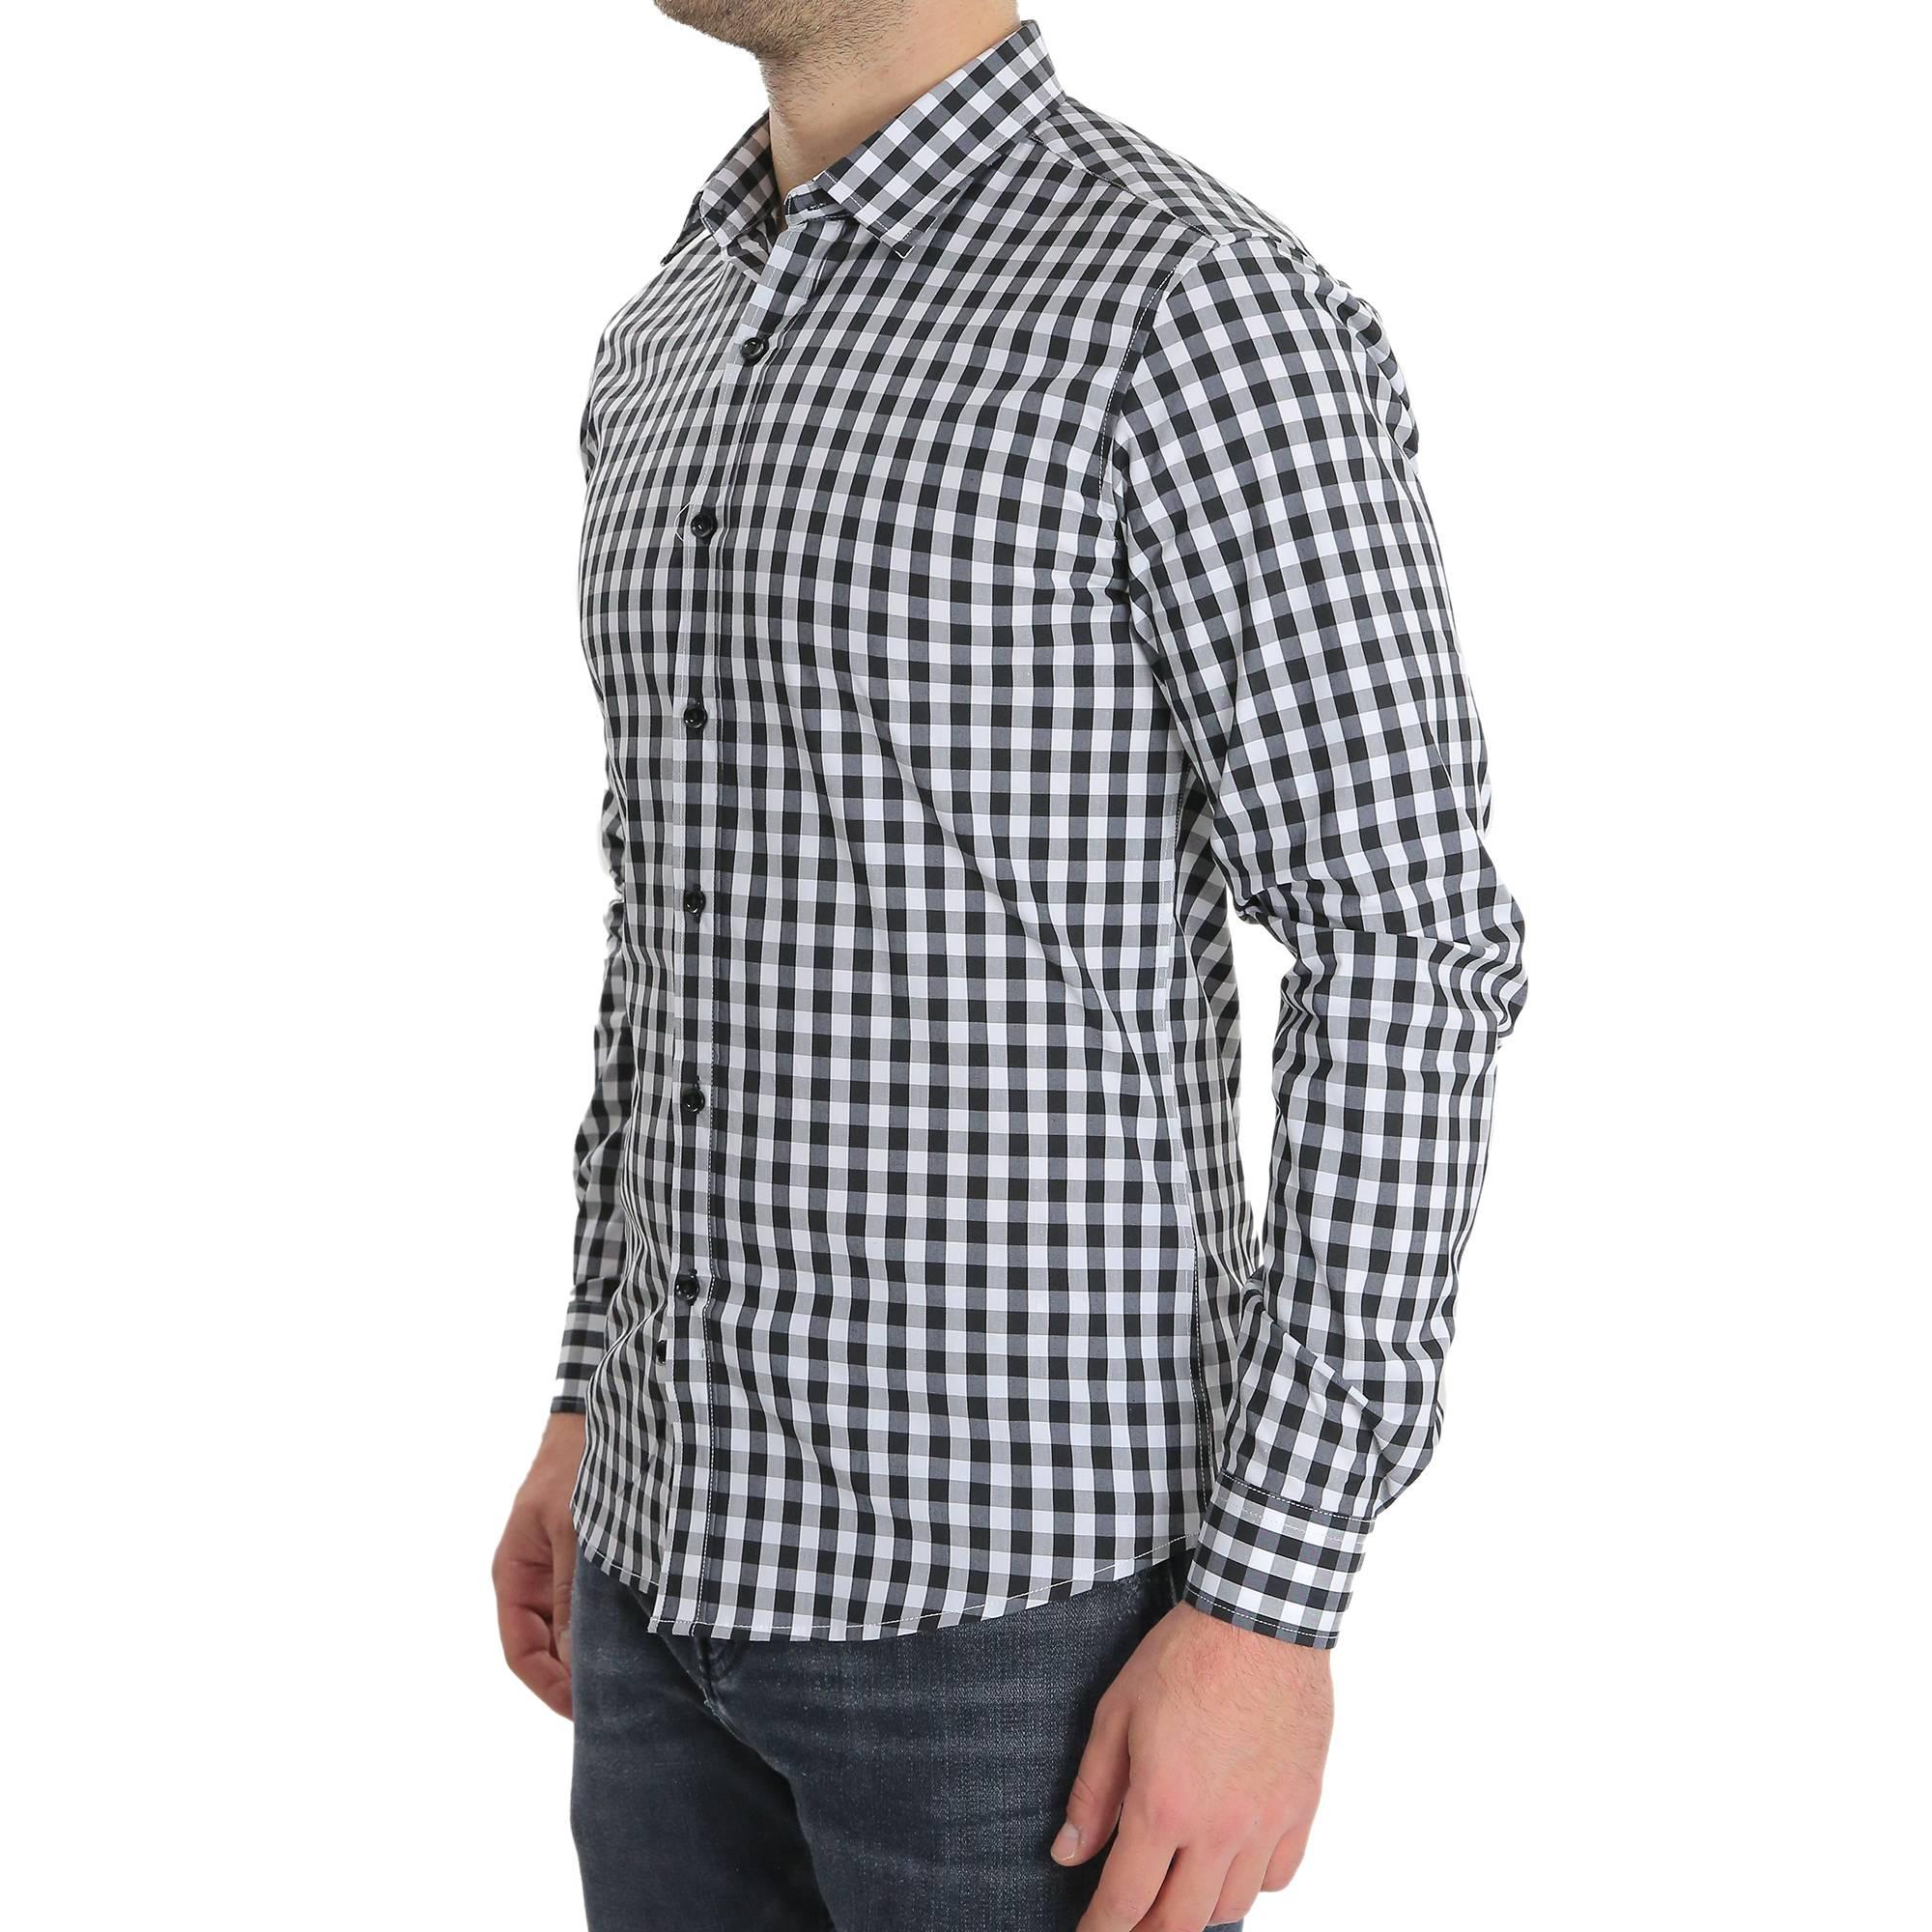 Camicia-Uomo-Cotone-Quadretti-Casual-Slim-Fit-Quadri-Scozzese-Manica-Lunga miniatura 4